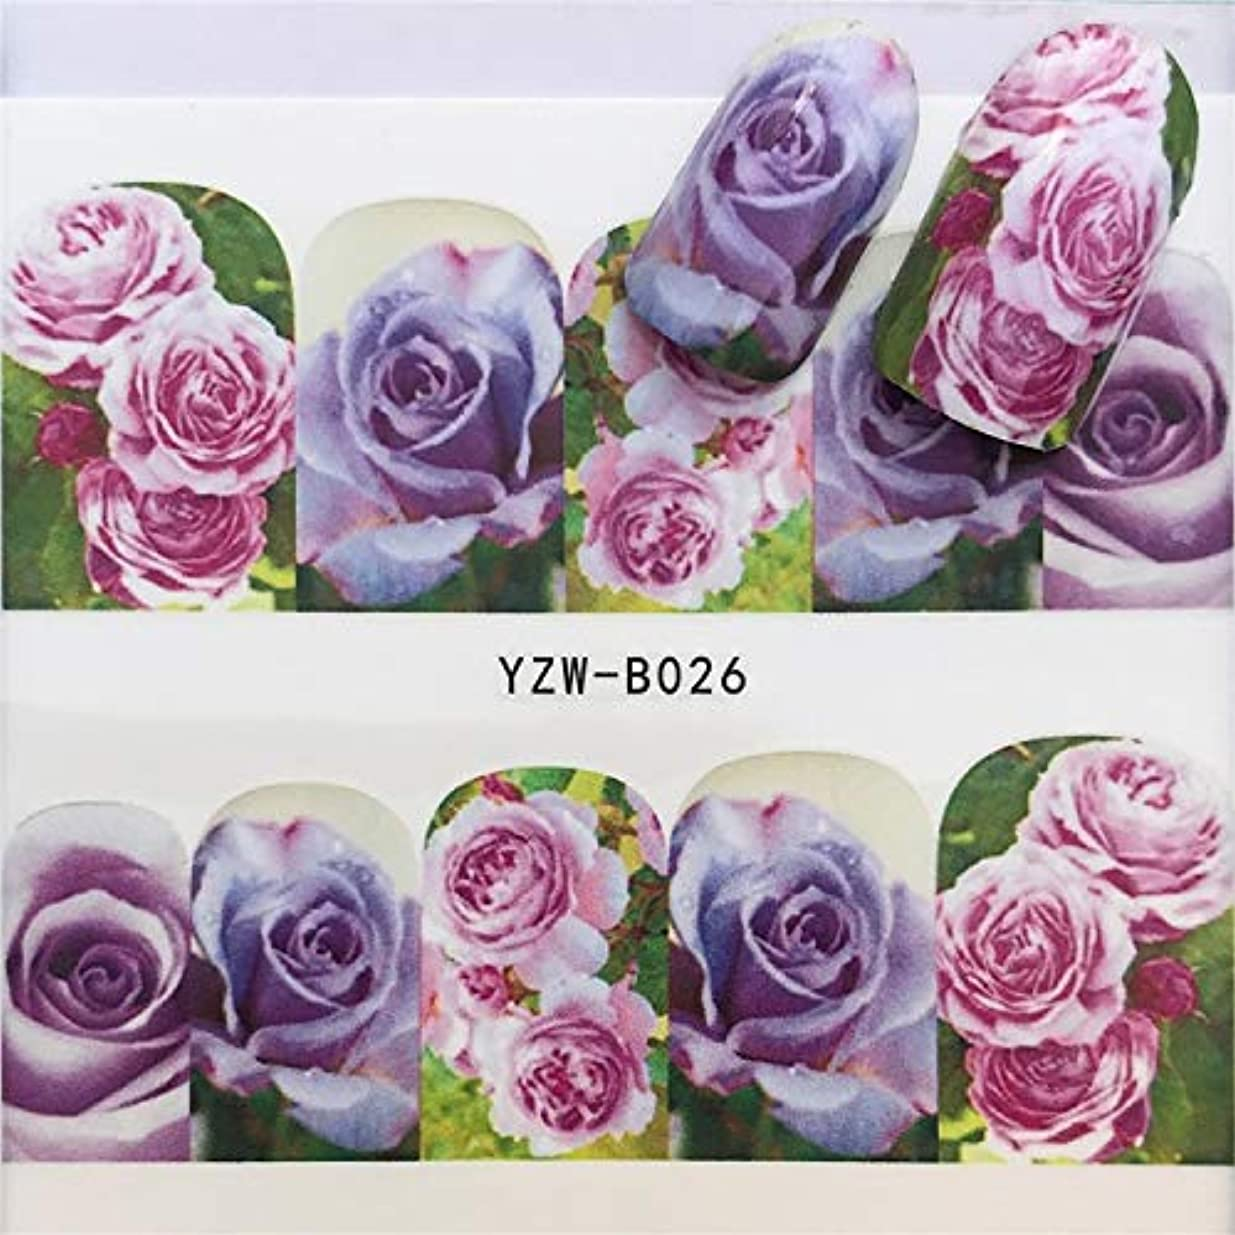 花輪正義勧めるCELINEZL CELINEZL 3ピースネイルステッカーセットデカールウォータースライダースライダーネイルアートデコレーション、色:YZWB026